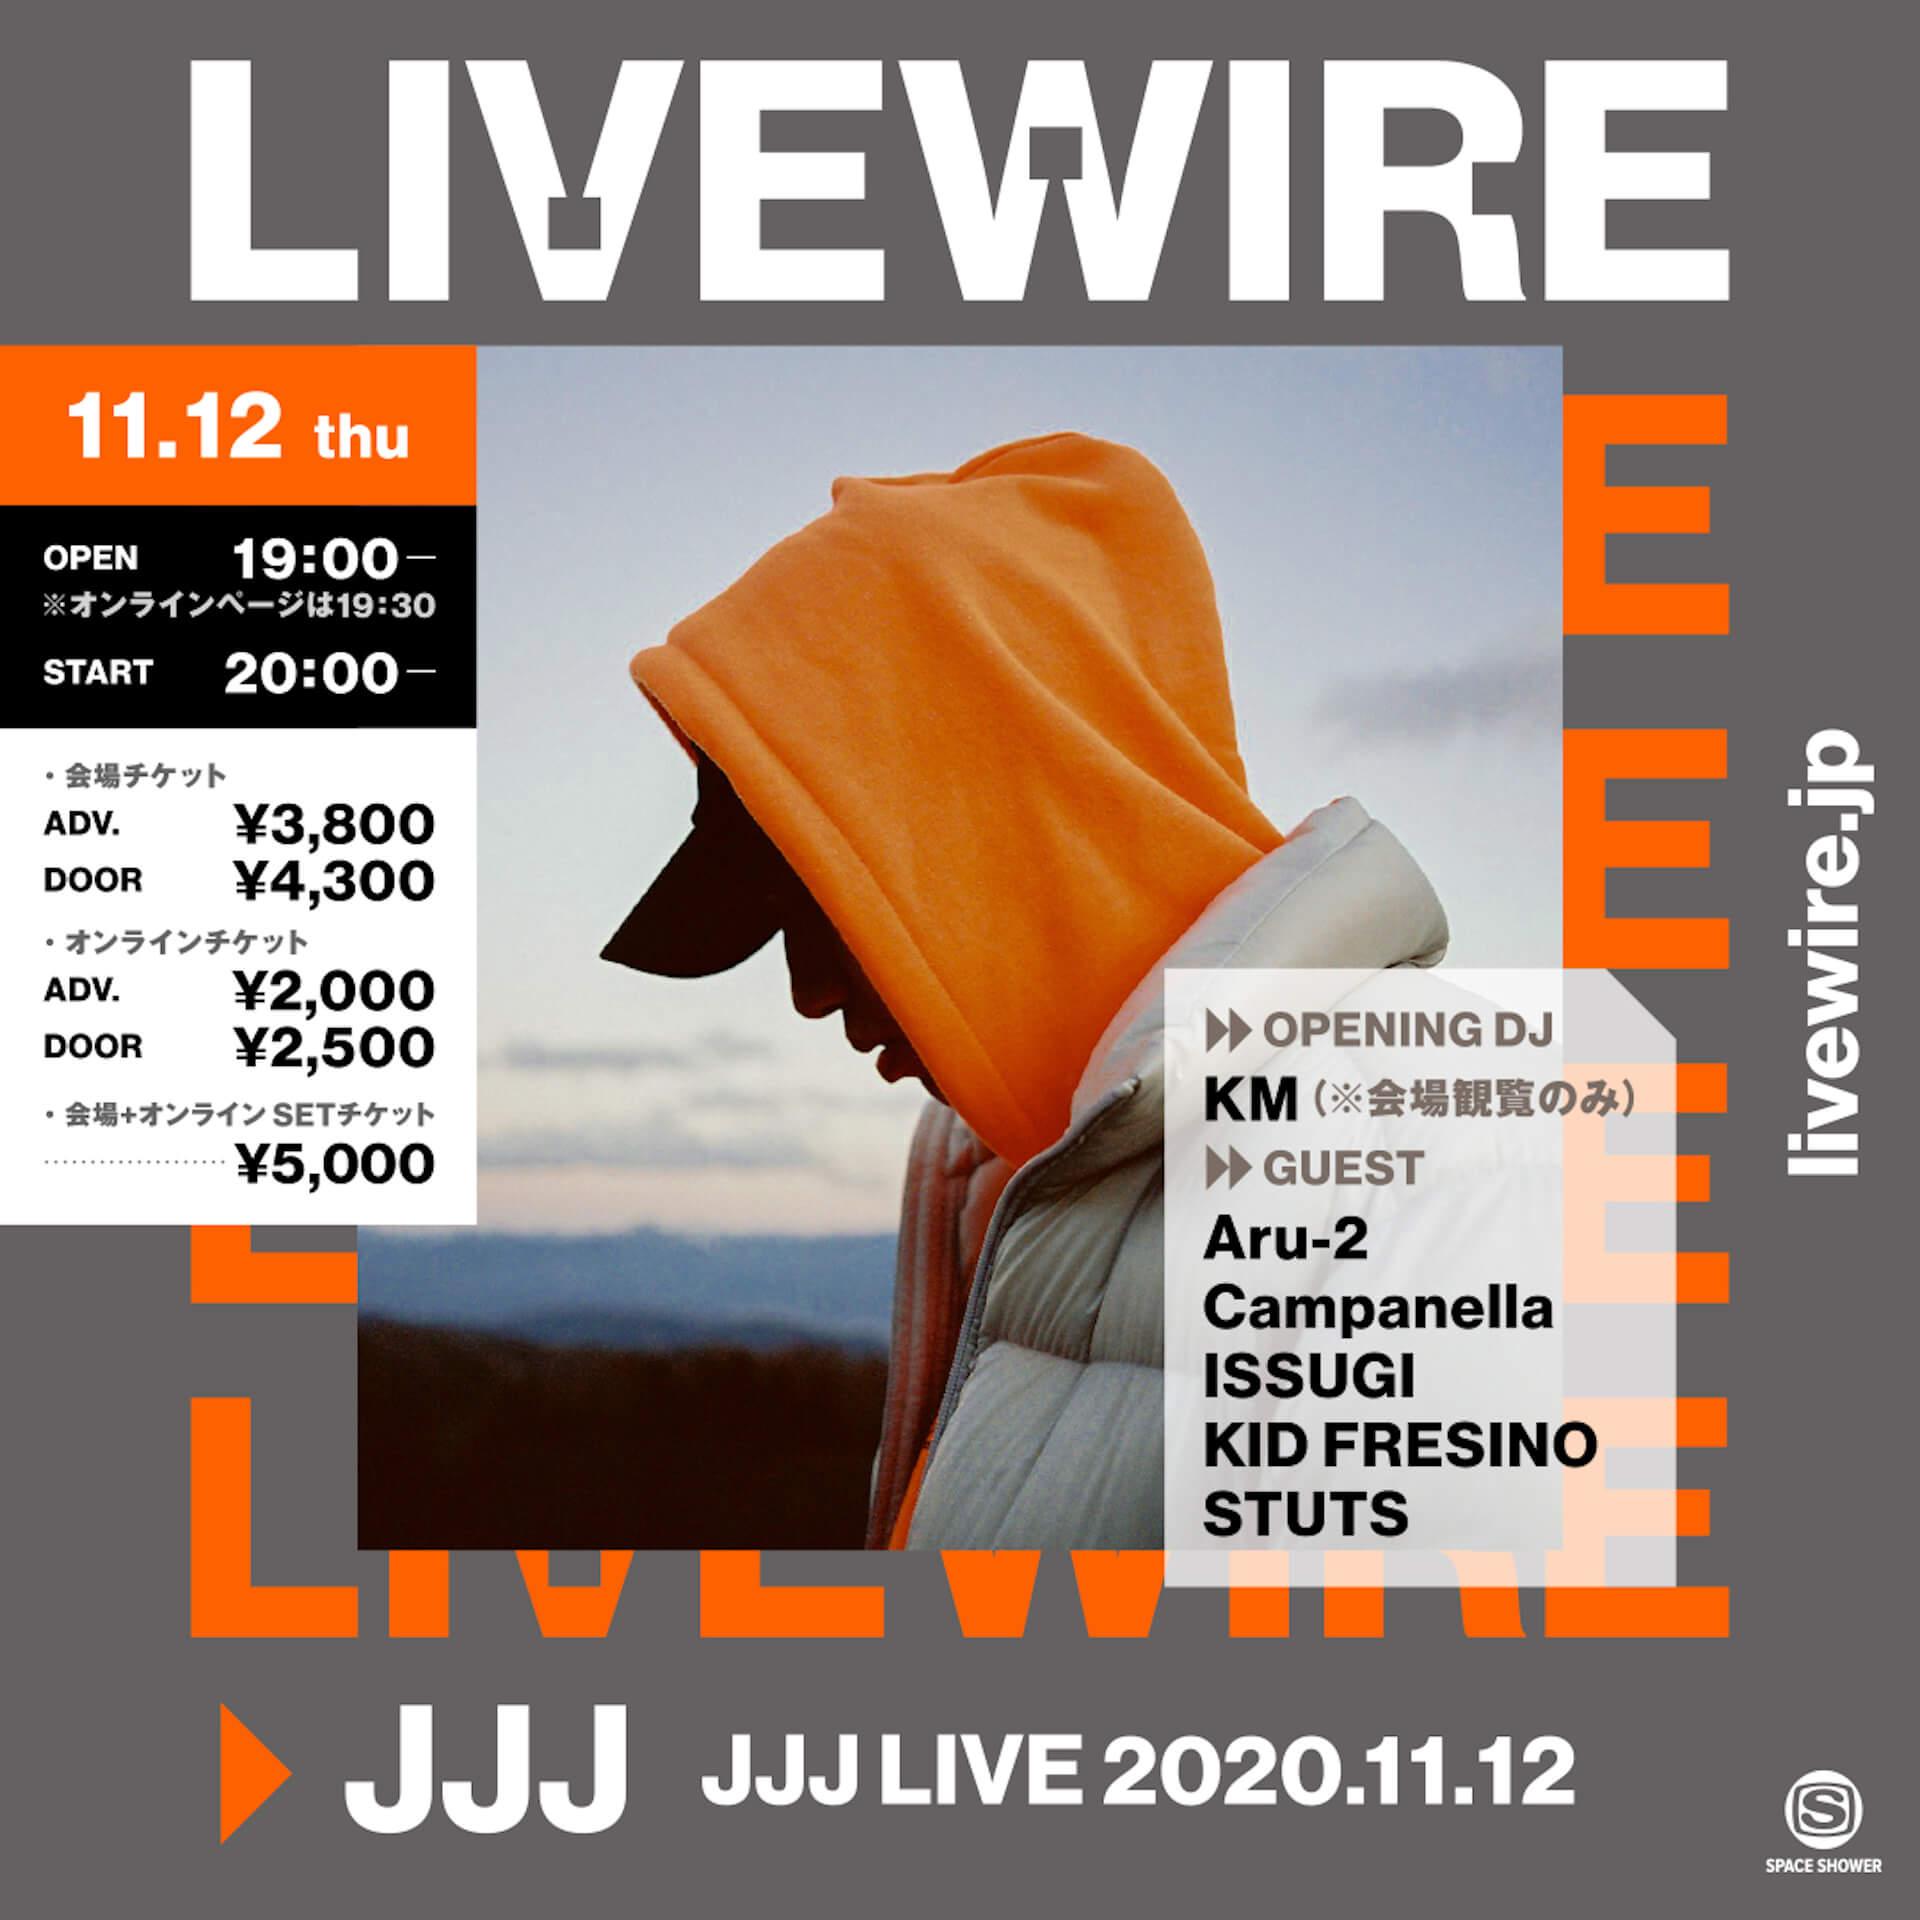 JJJのワンマンライブにゲスト多数出演決定!KM、ISSUGI、KID FRESINO、Campanella、STUTSらが登場 music201105_jjj_live_8